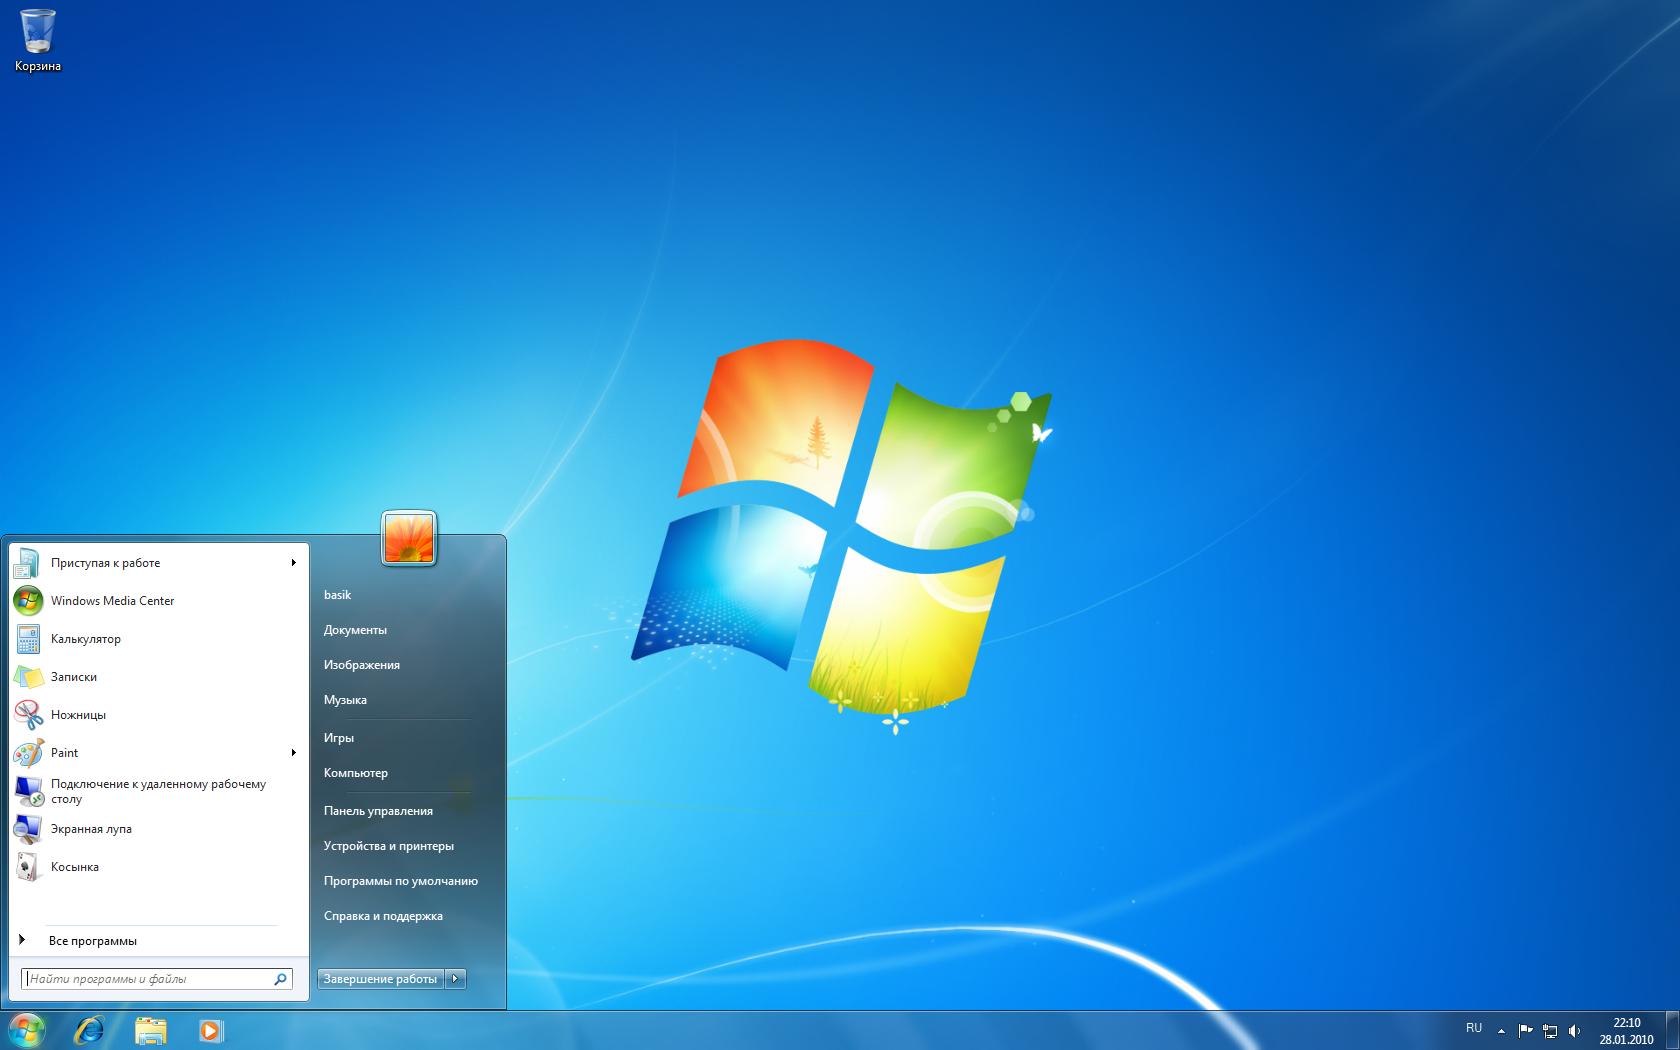 Новые процессоры AMD неподдерживают самую пользующуюся популярностью версию Windows